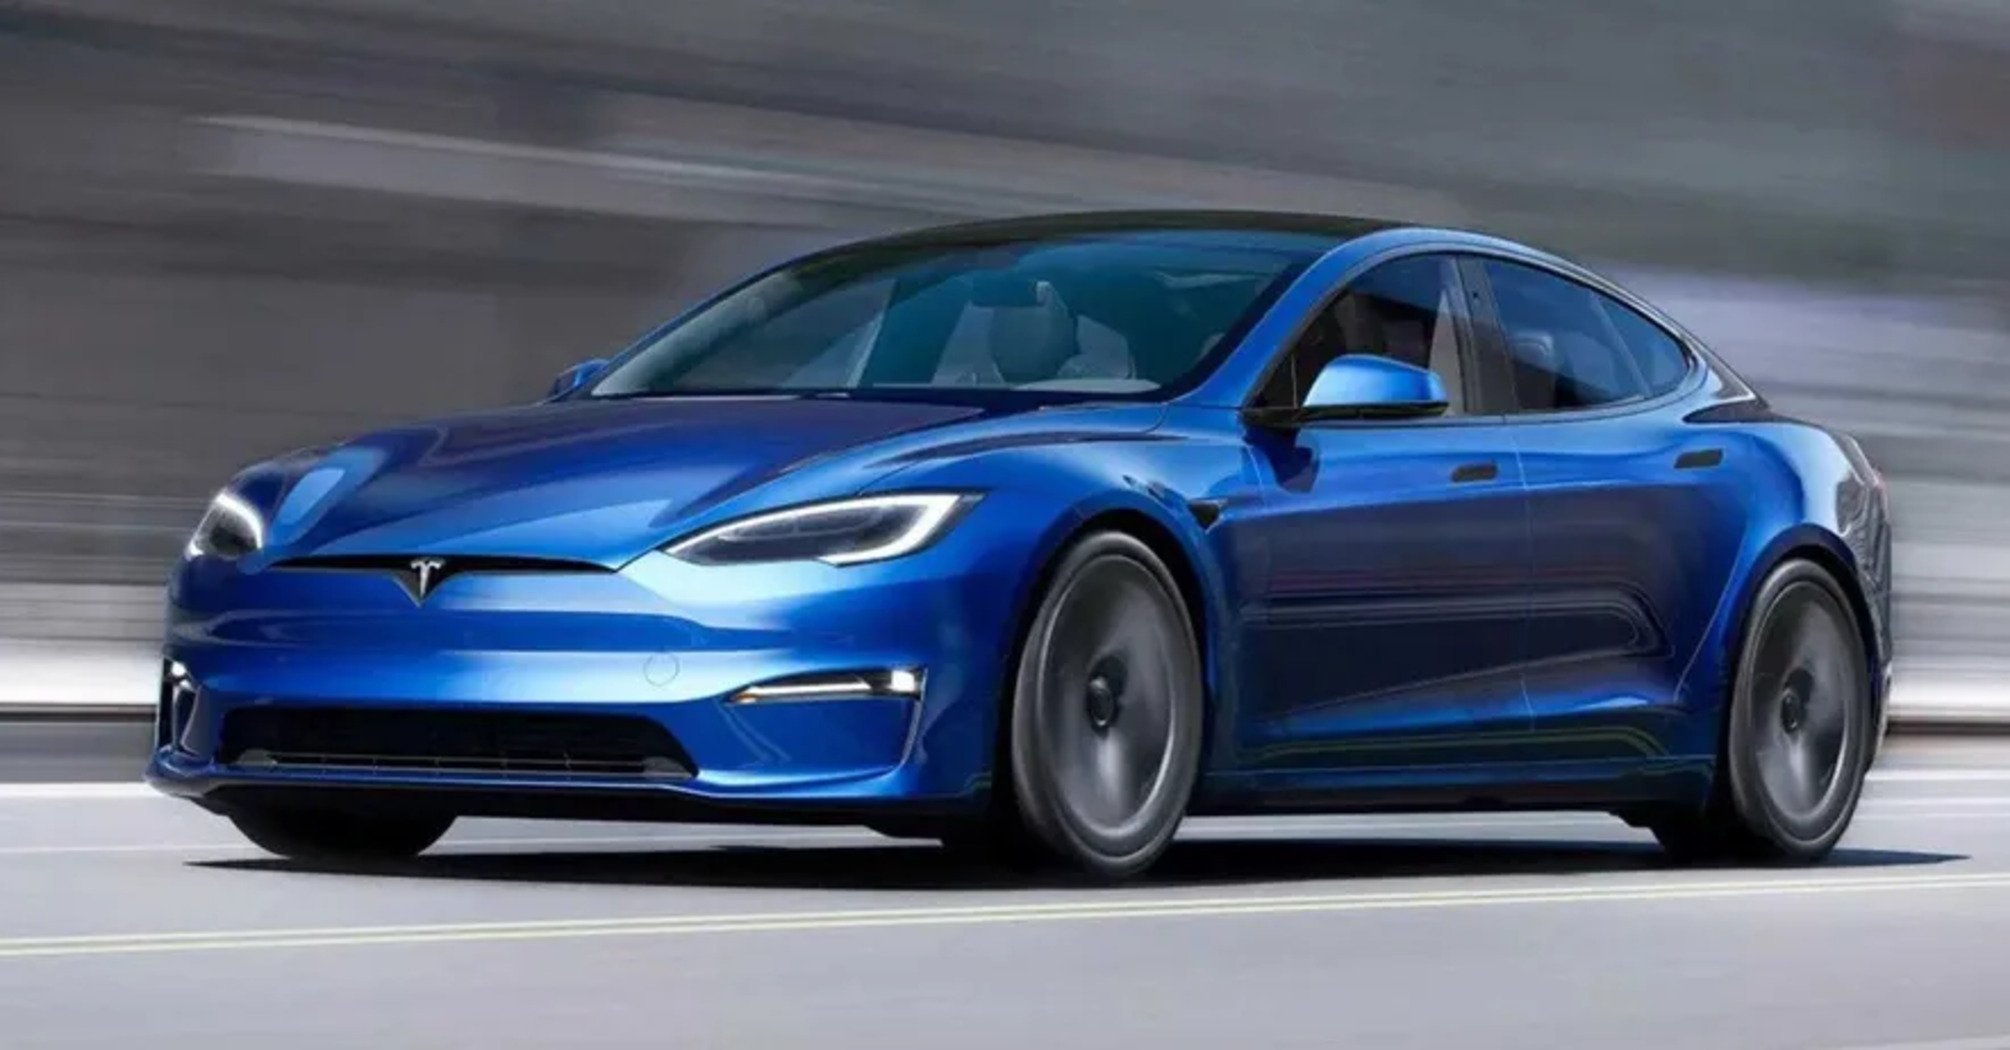 Илон Маск отменил выпуск самого быстрого автомобиля Tesla